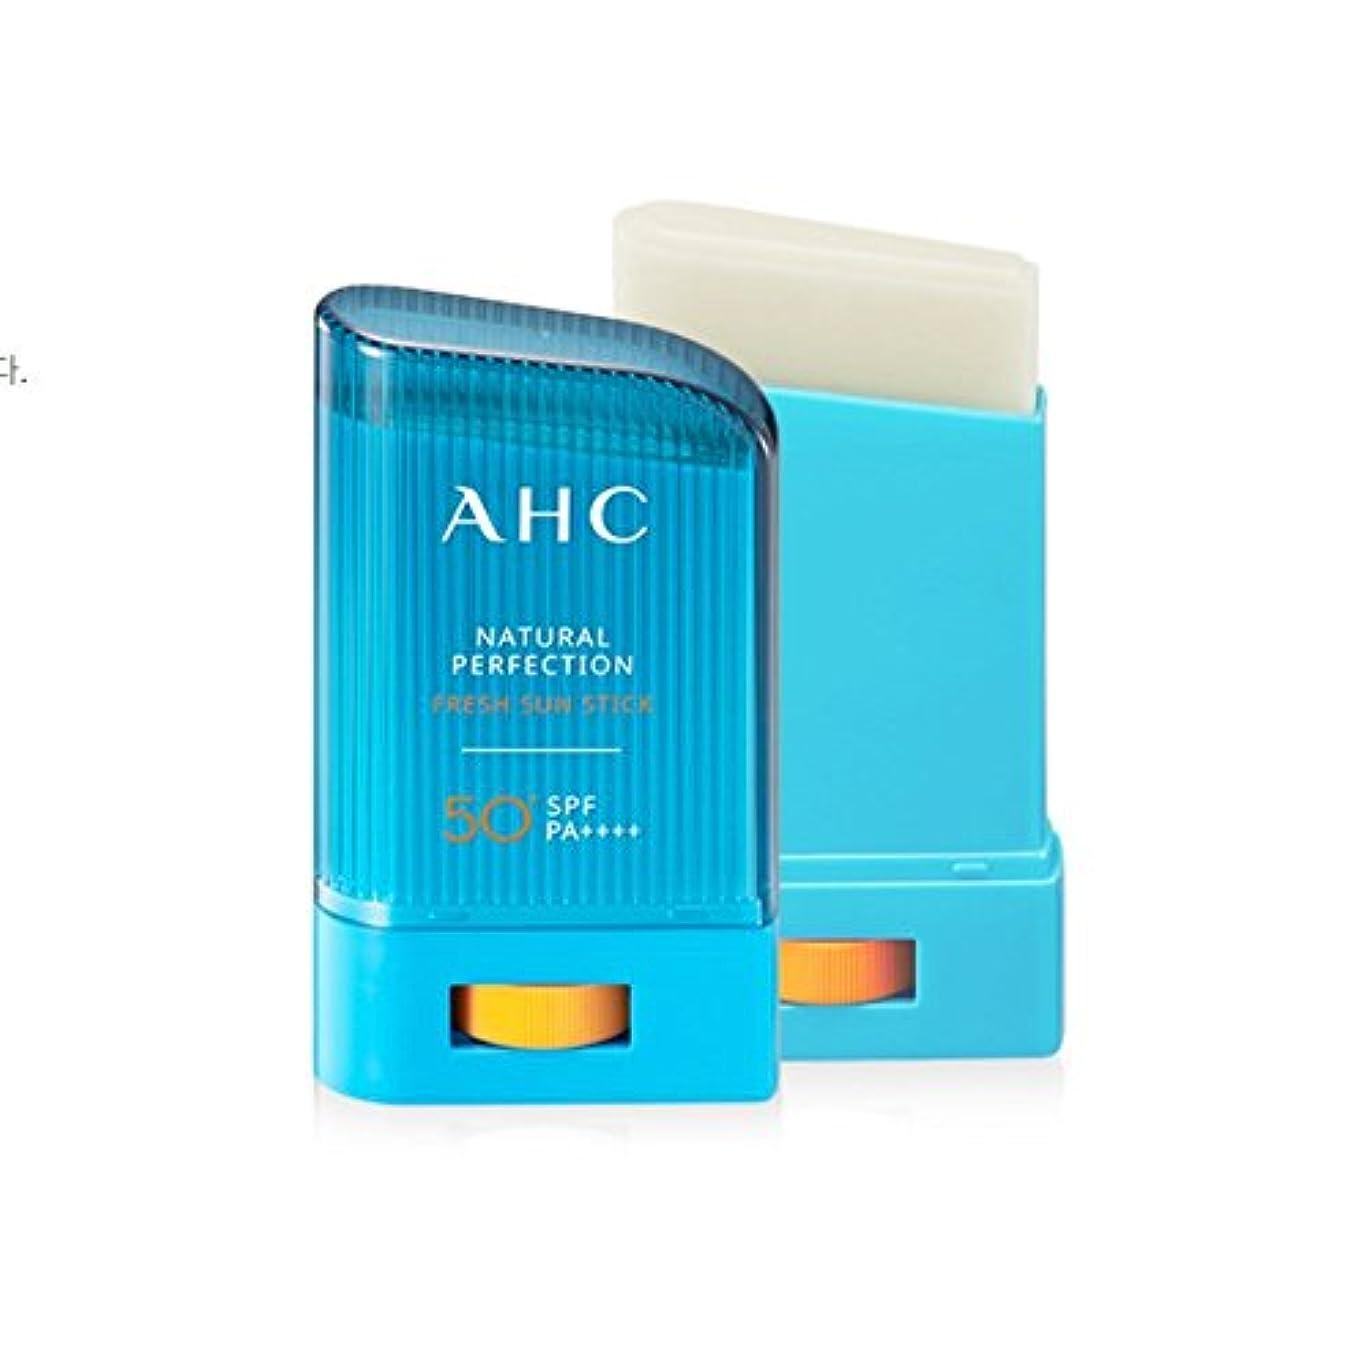 用語集緊急金属2018年(Renewal) AHC ナチュラル サン スティック 22g/AHC Natural perfection fresh sun stick (22g) [並行輸入品]